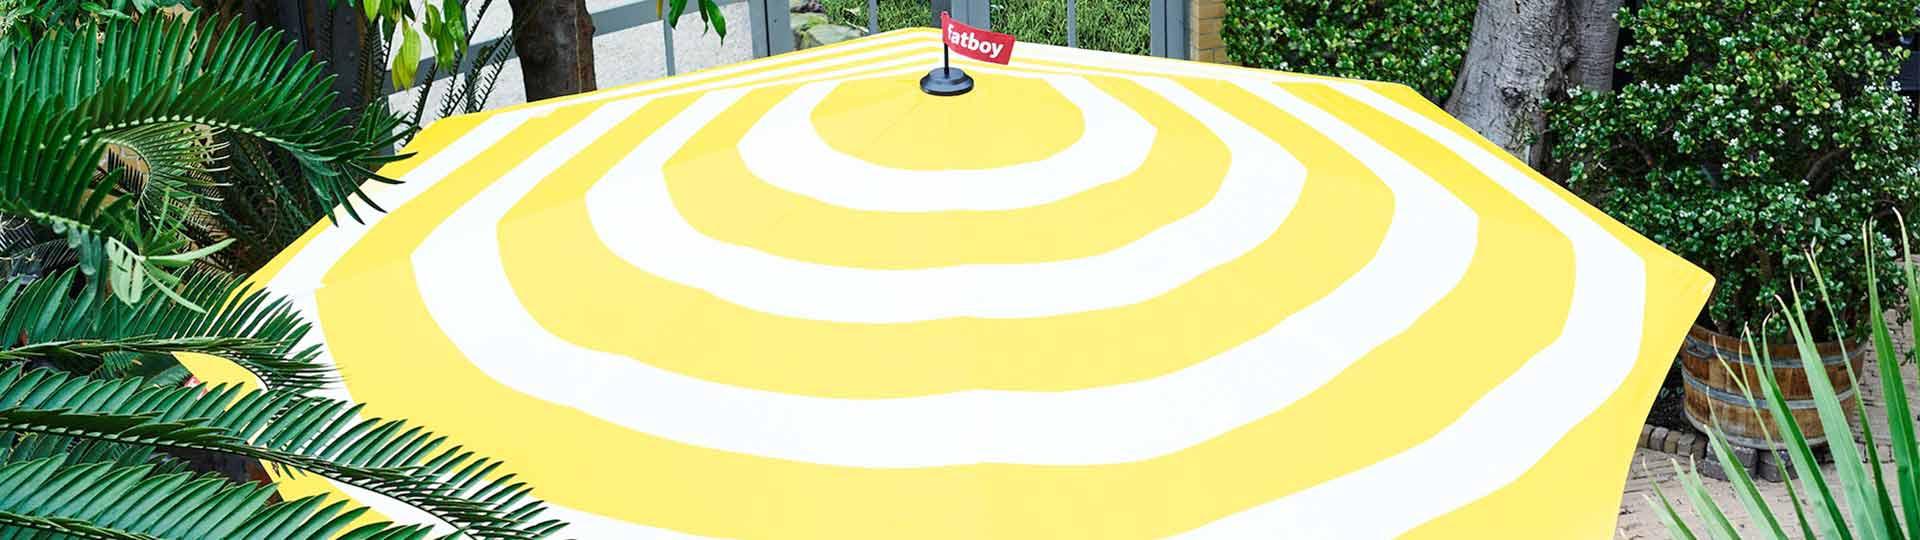 Fatboy Stripesol sonnenschirm in gelb weiß gestreift